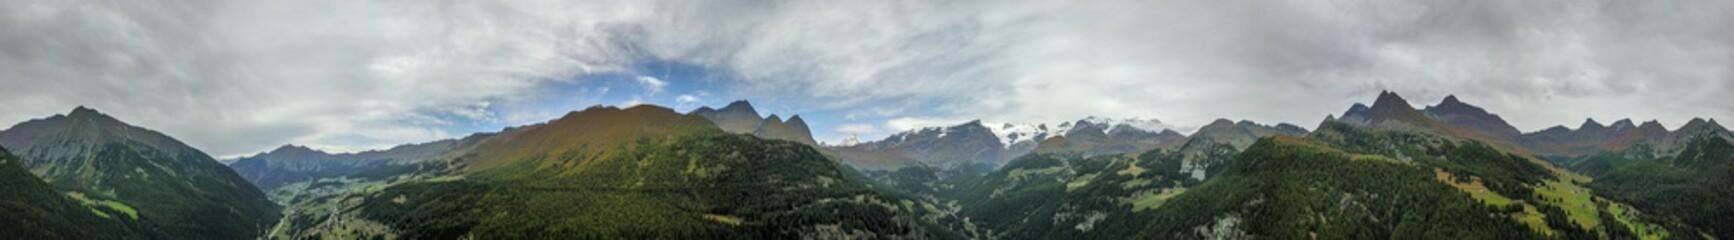 Nature, Montain Landscape